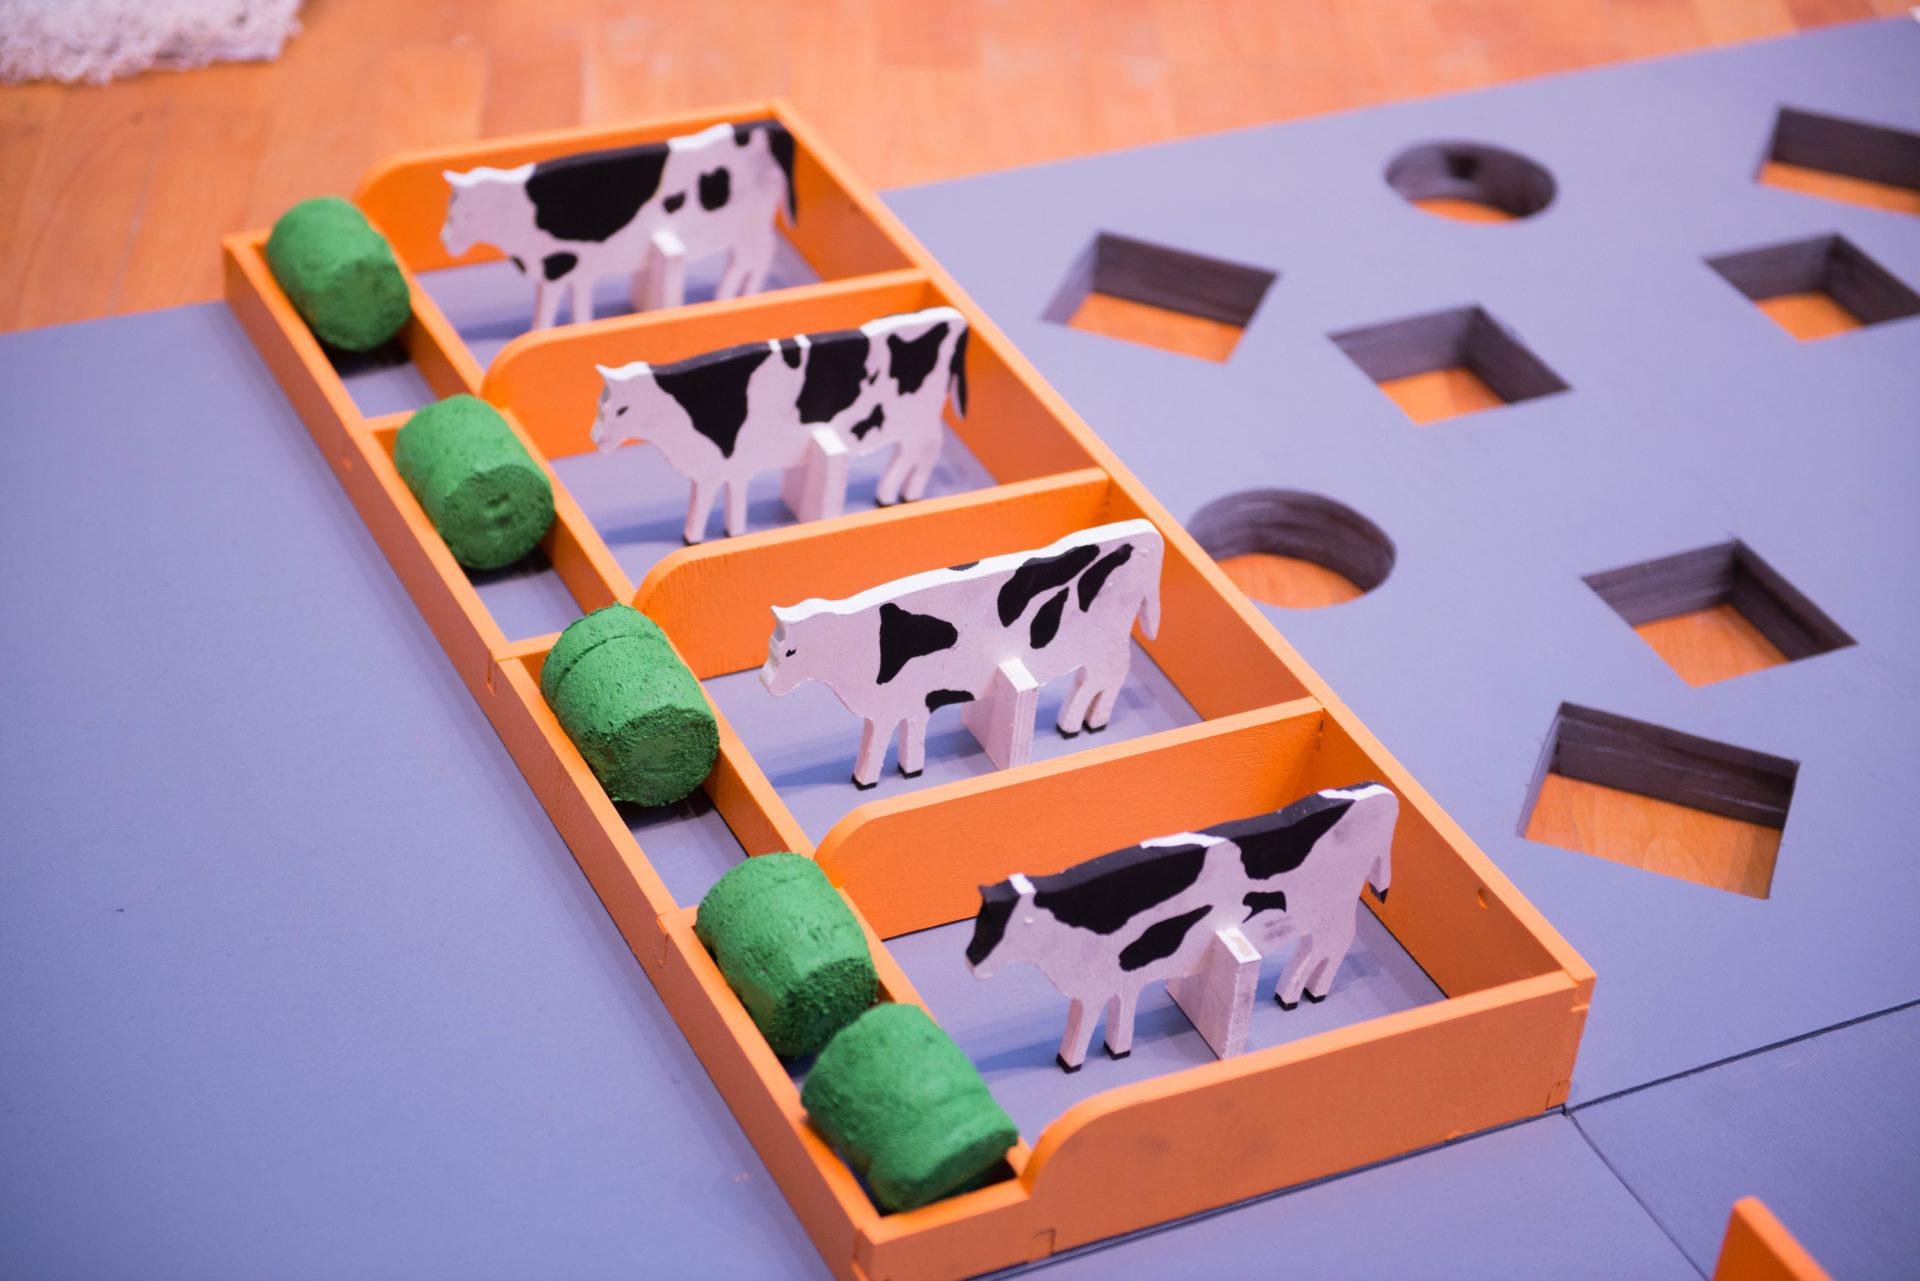 Роботы, коптеры в сельском хозяйстве: впервые в Якутии проходит конкурс «АгроНТИ»